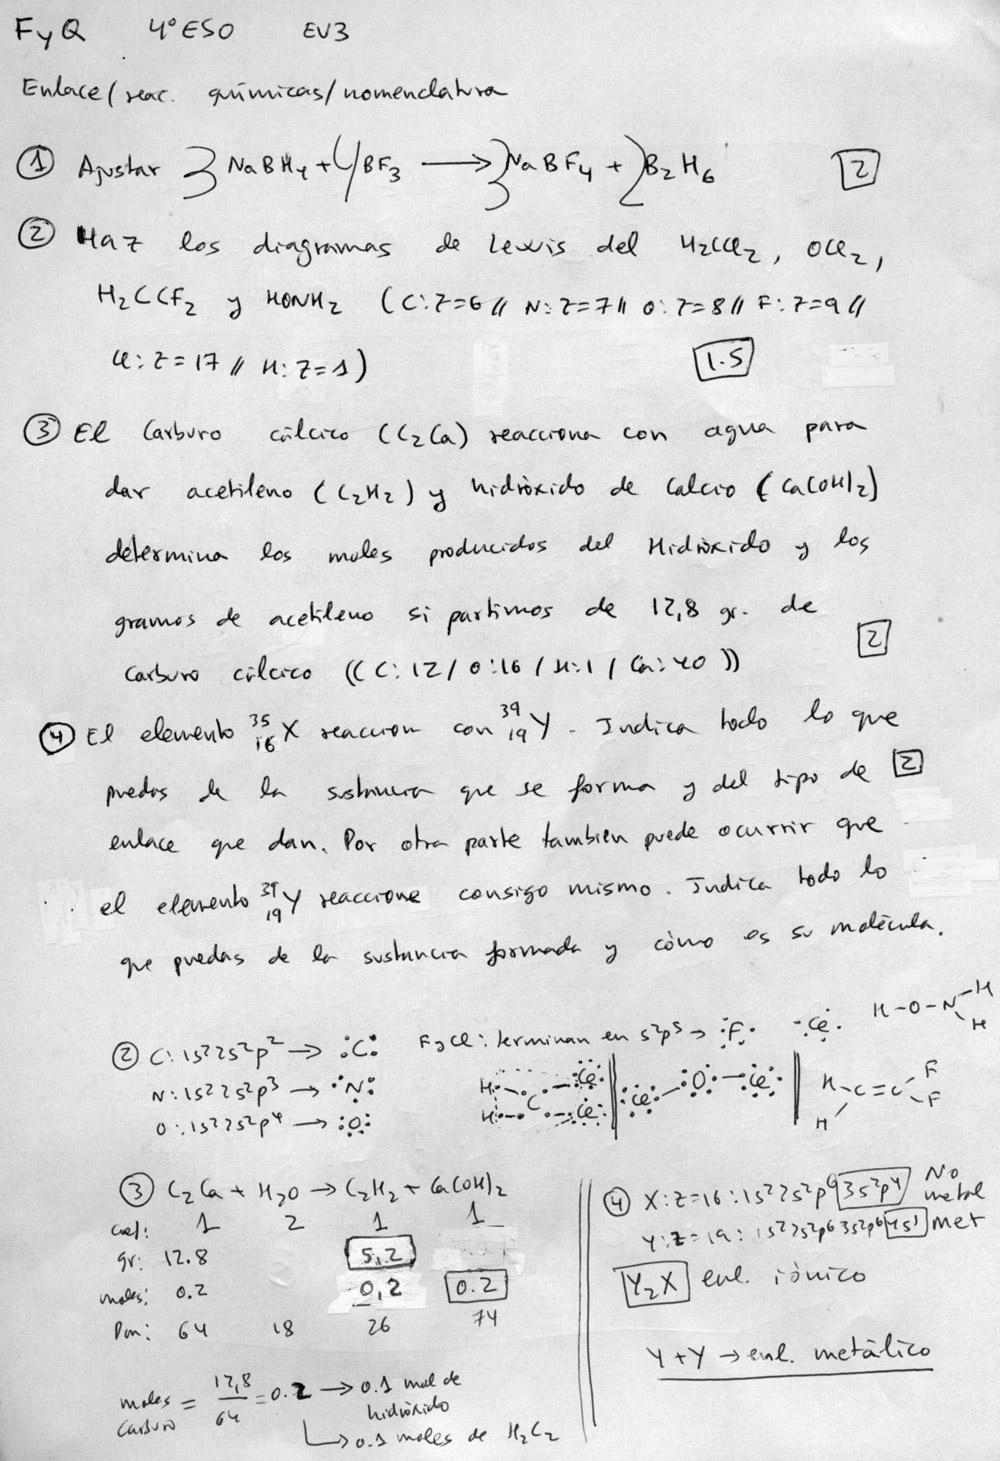 FISICA Y QUIMICA PARA ESTUDIANTES: Examen y corrector EV3 4º ESO ...